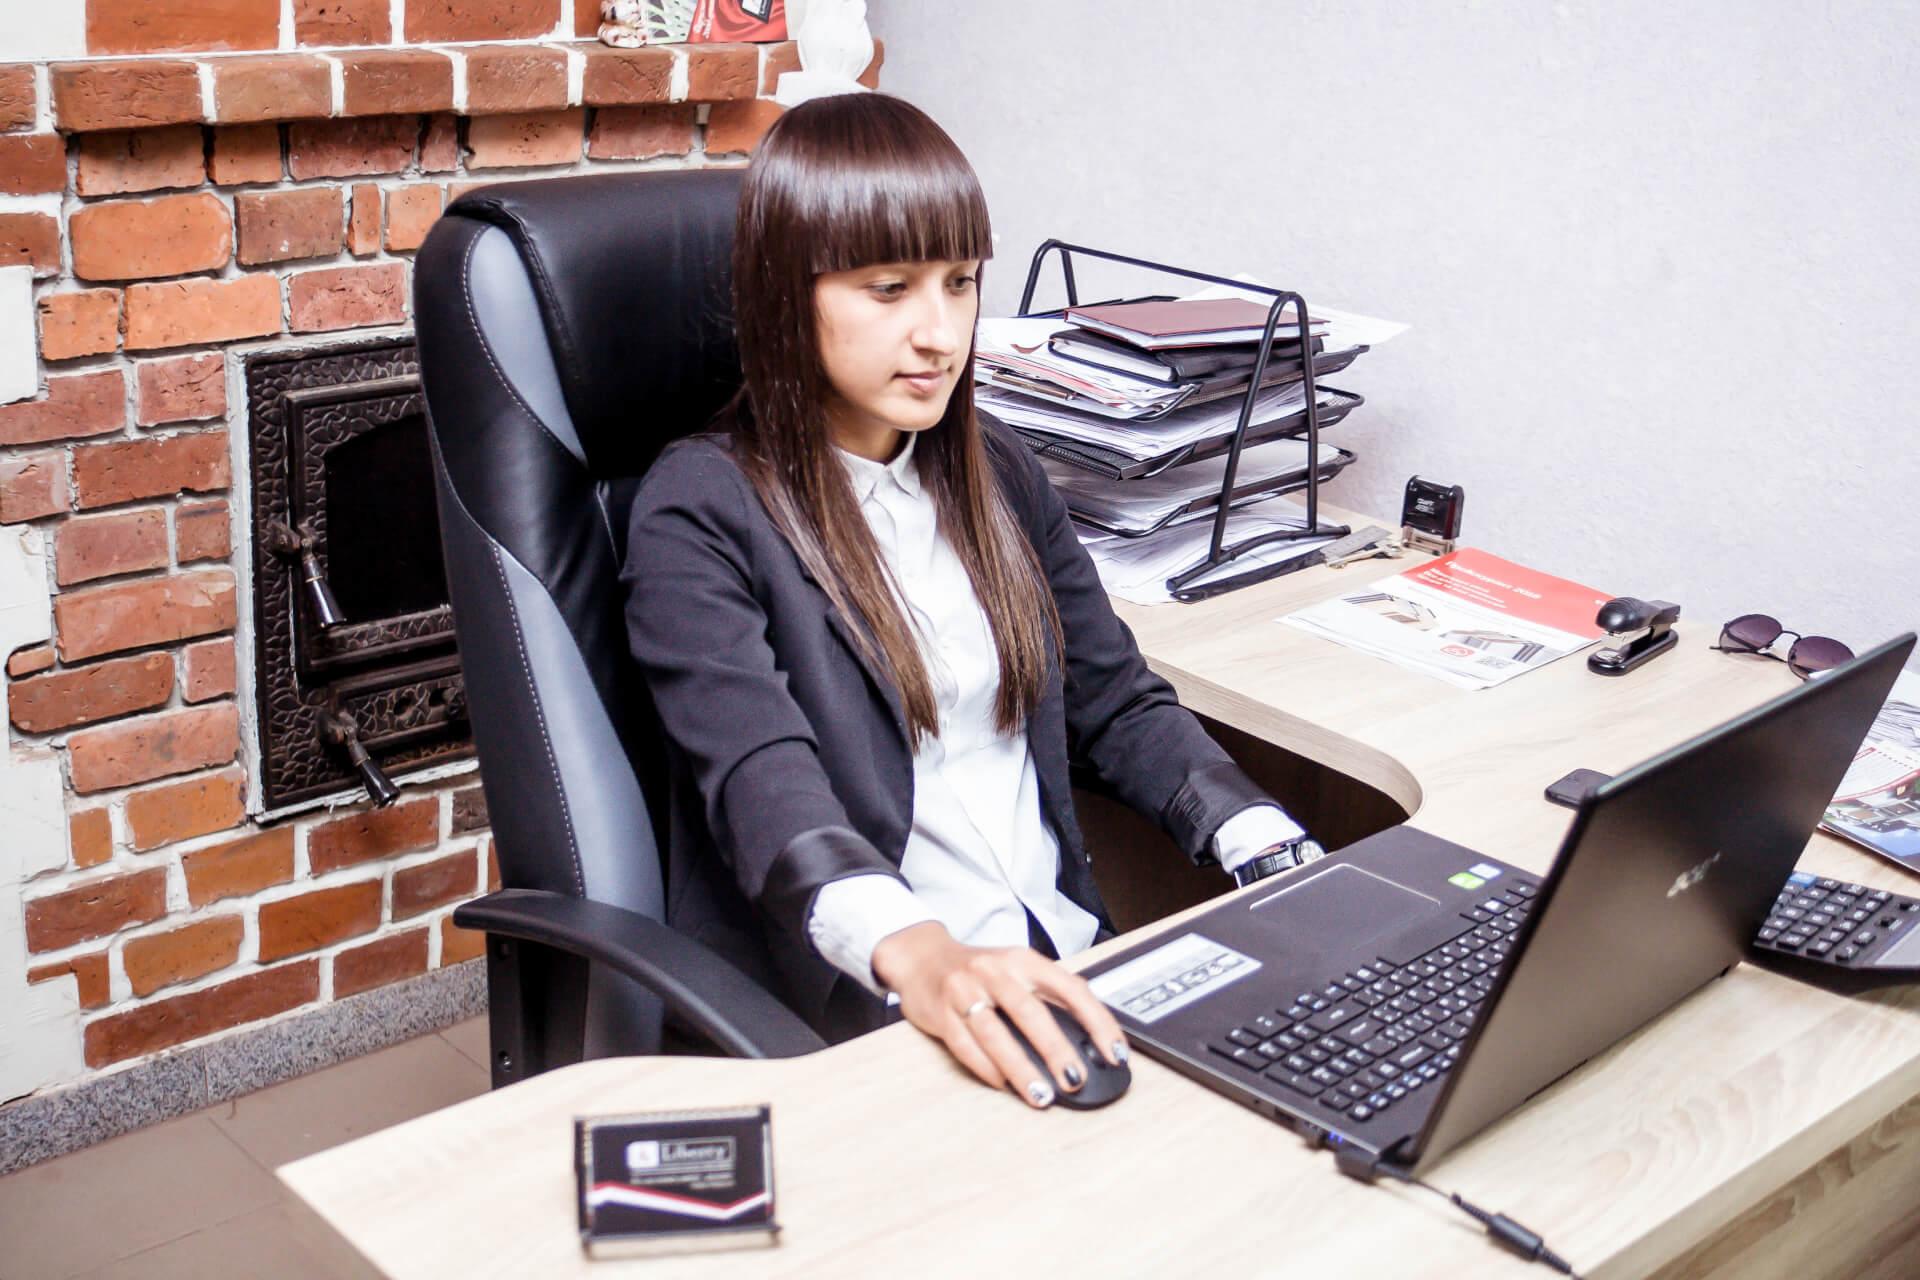 Уляна Матієга про те, як створити успішний бізнес всього за чотири місяці